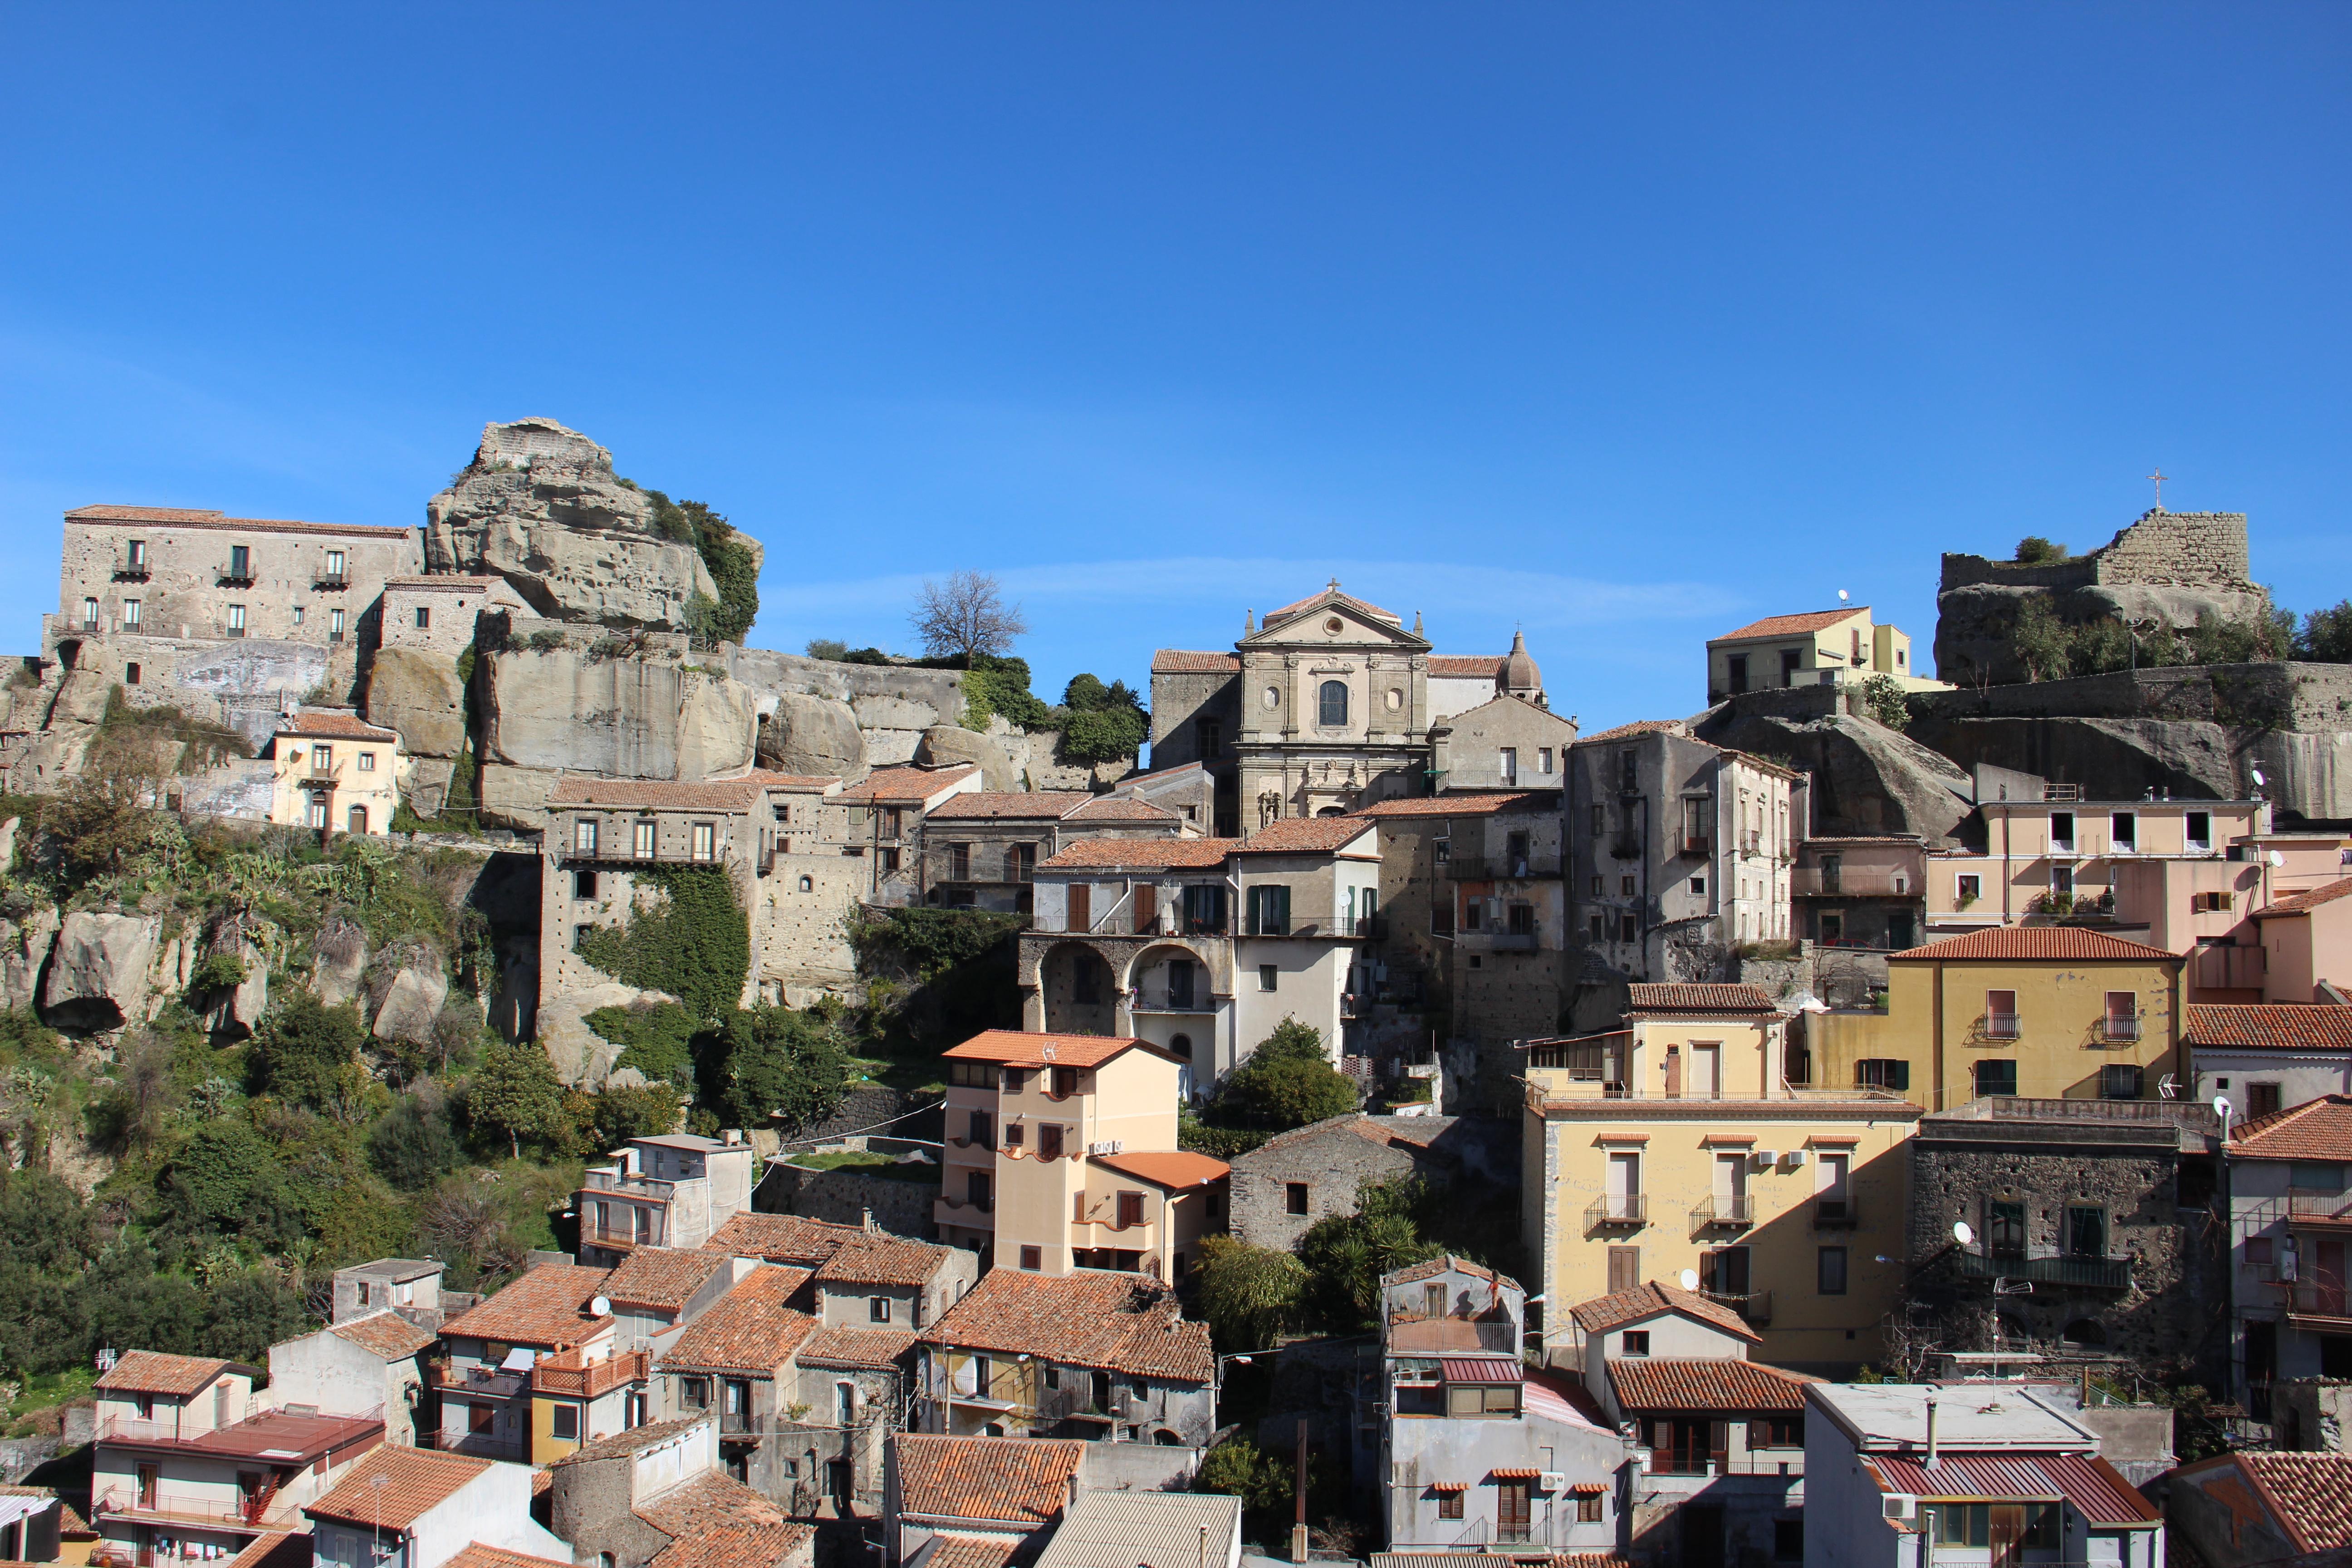 Comune di Castiglione di Sicilia